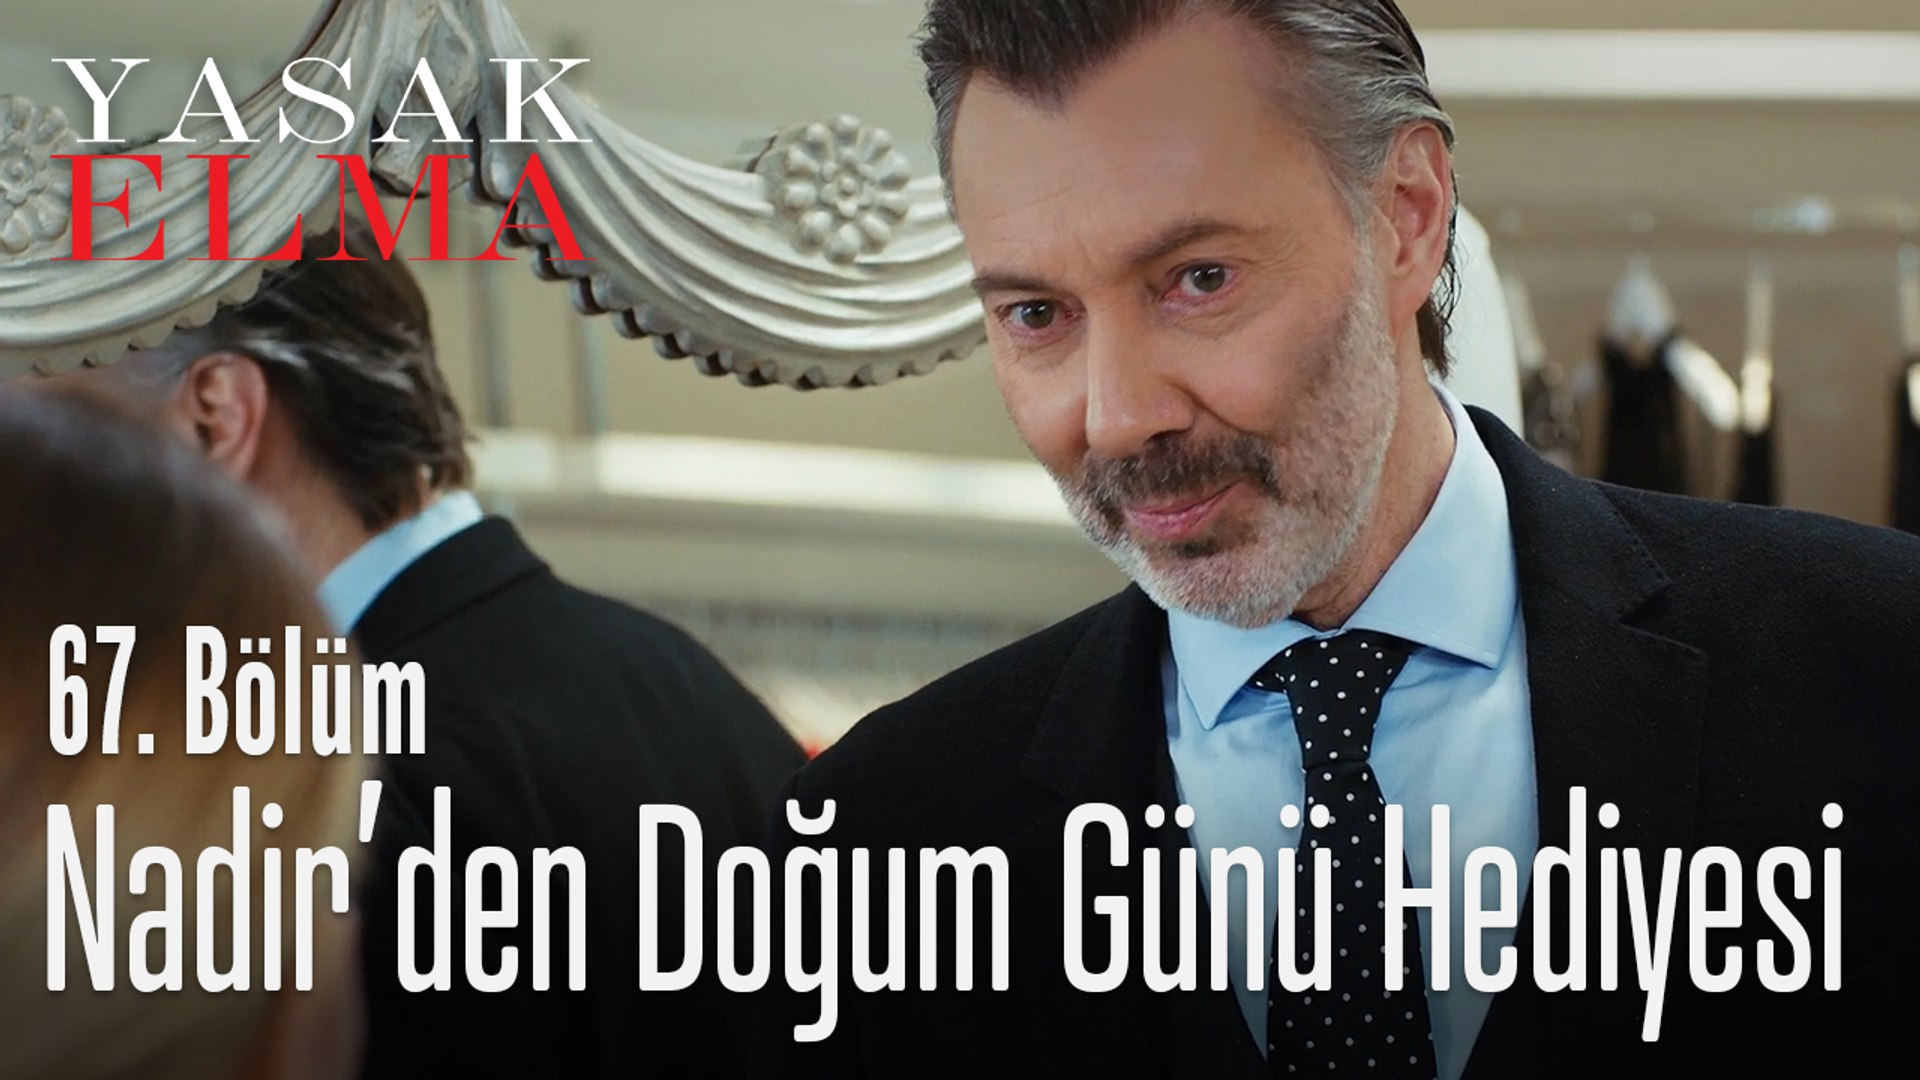 Nadir'in büyük jesti - Yasak Elma 67. Bölüm